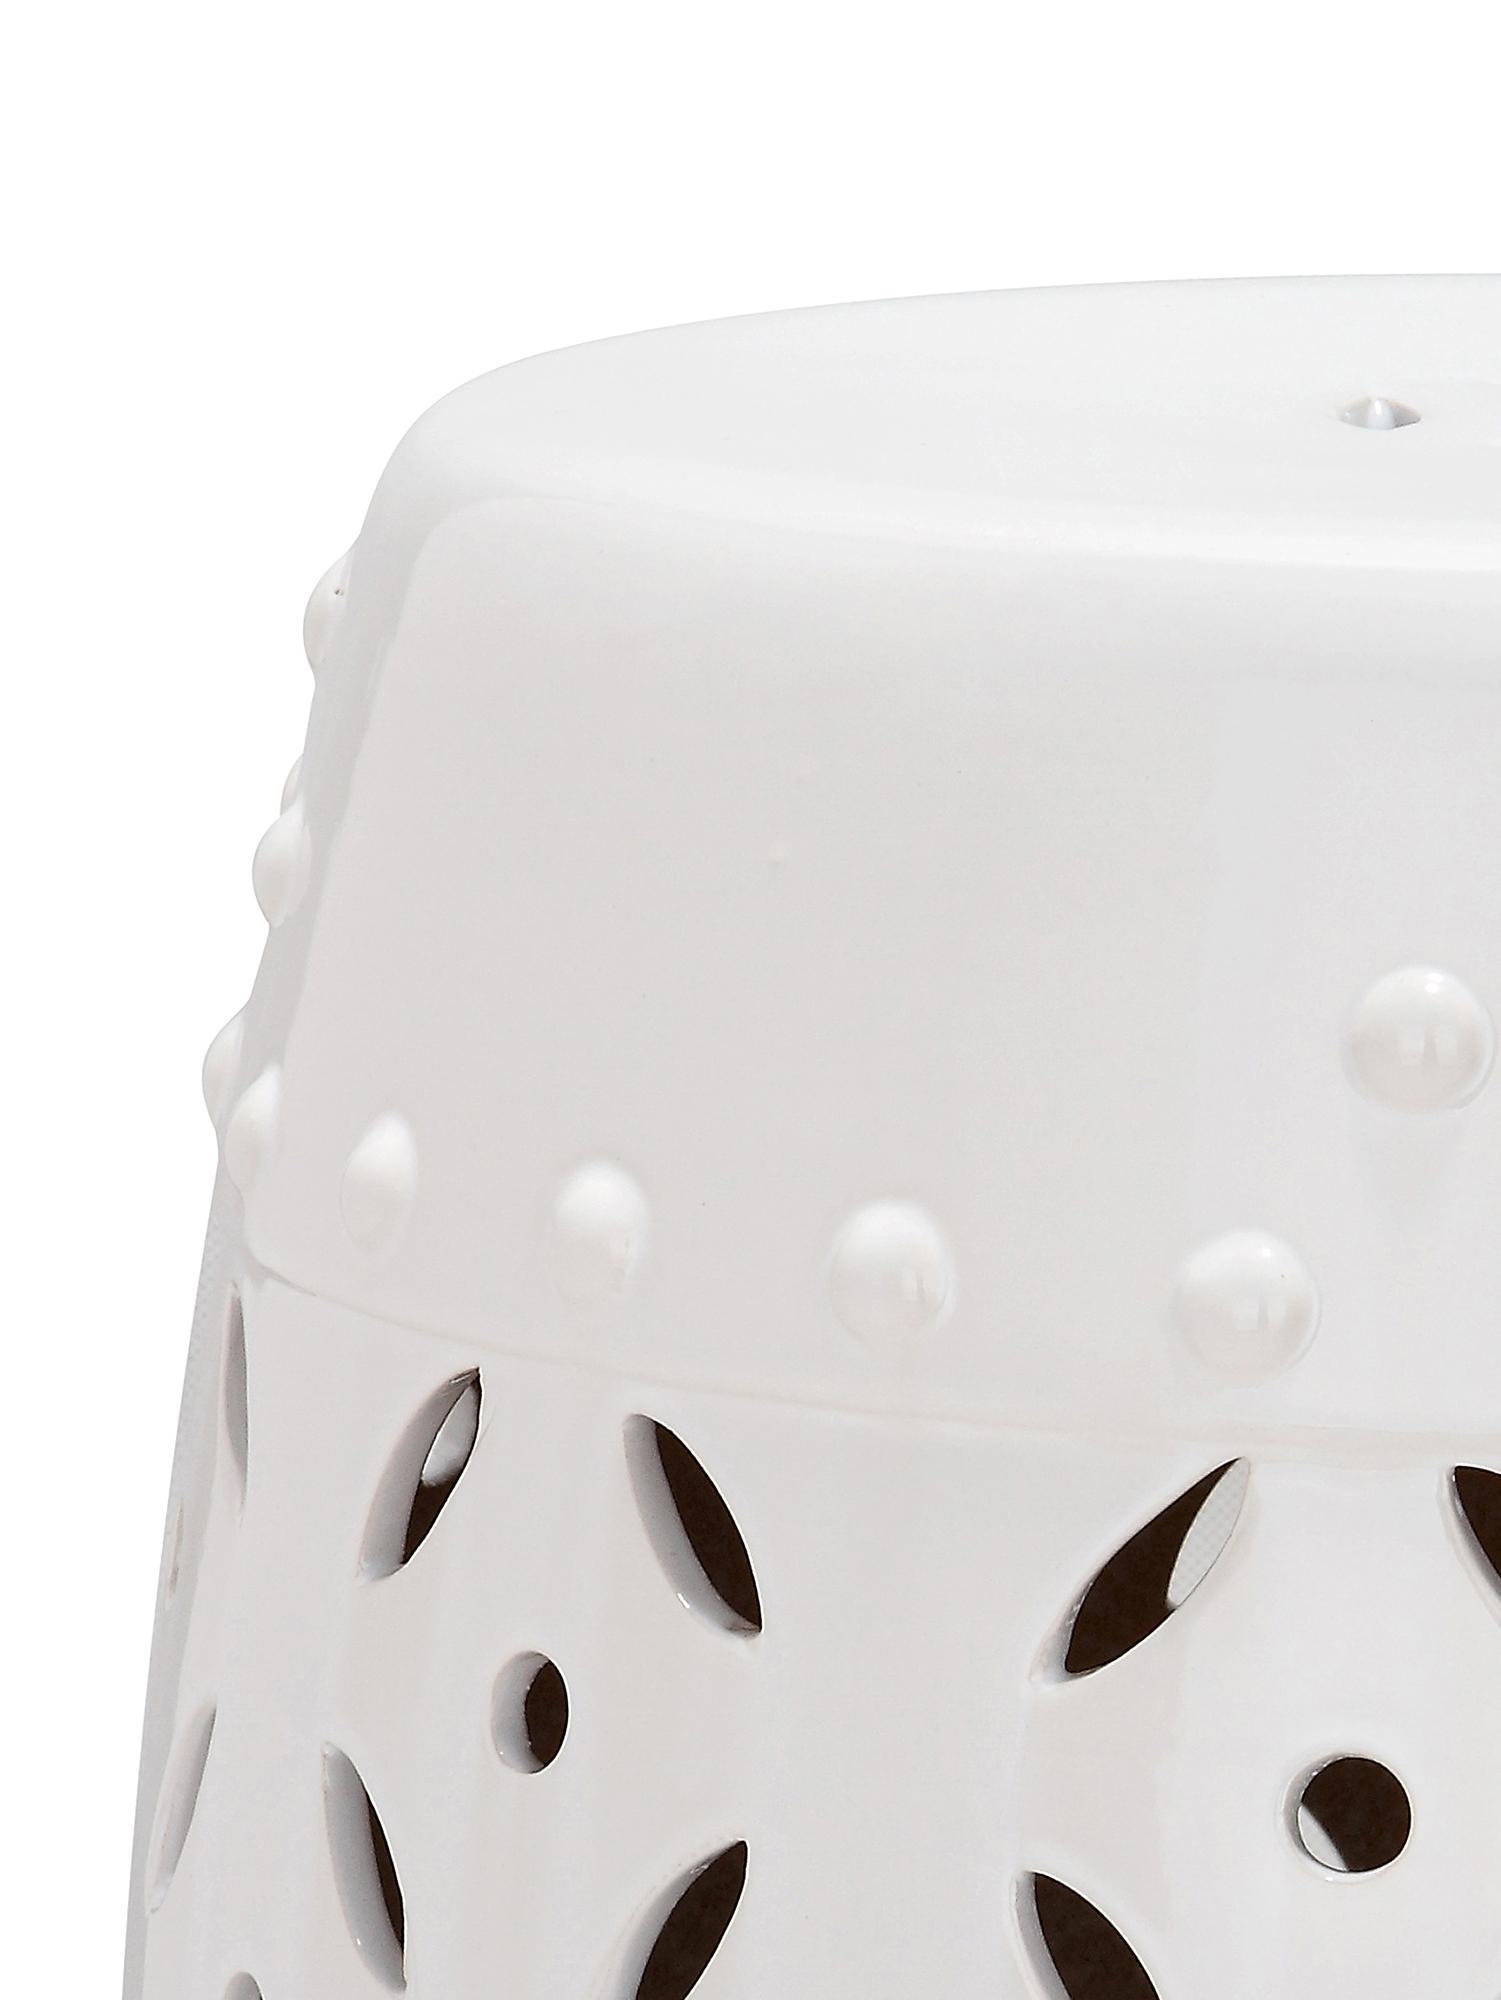 Handgefertigter Hocker / Beistelltisch Philine, Keramik, glasiert, Weiß, Ø 33 x H 47 cm